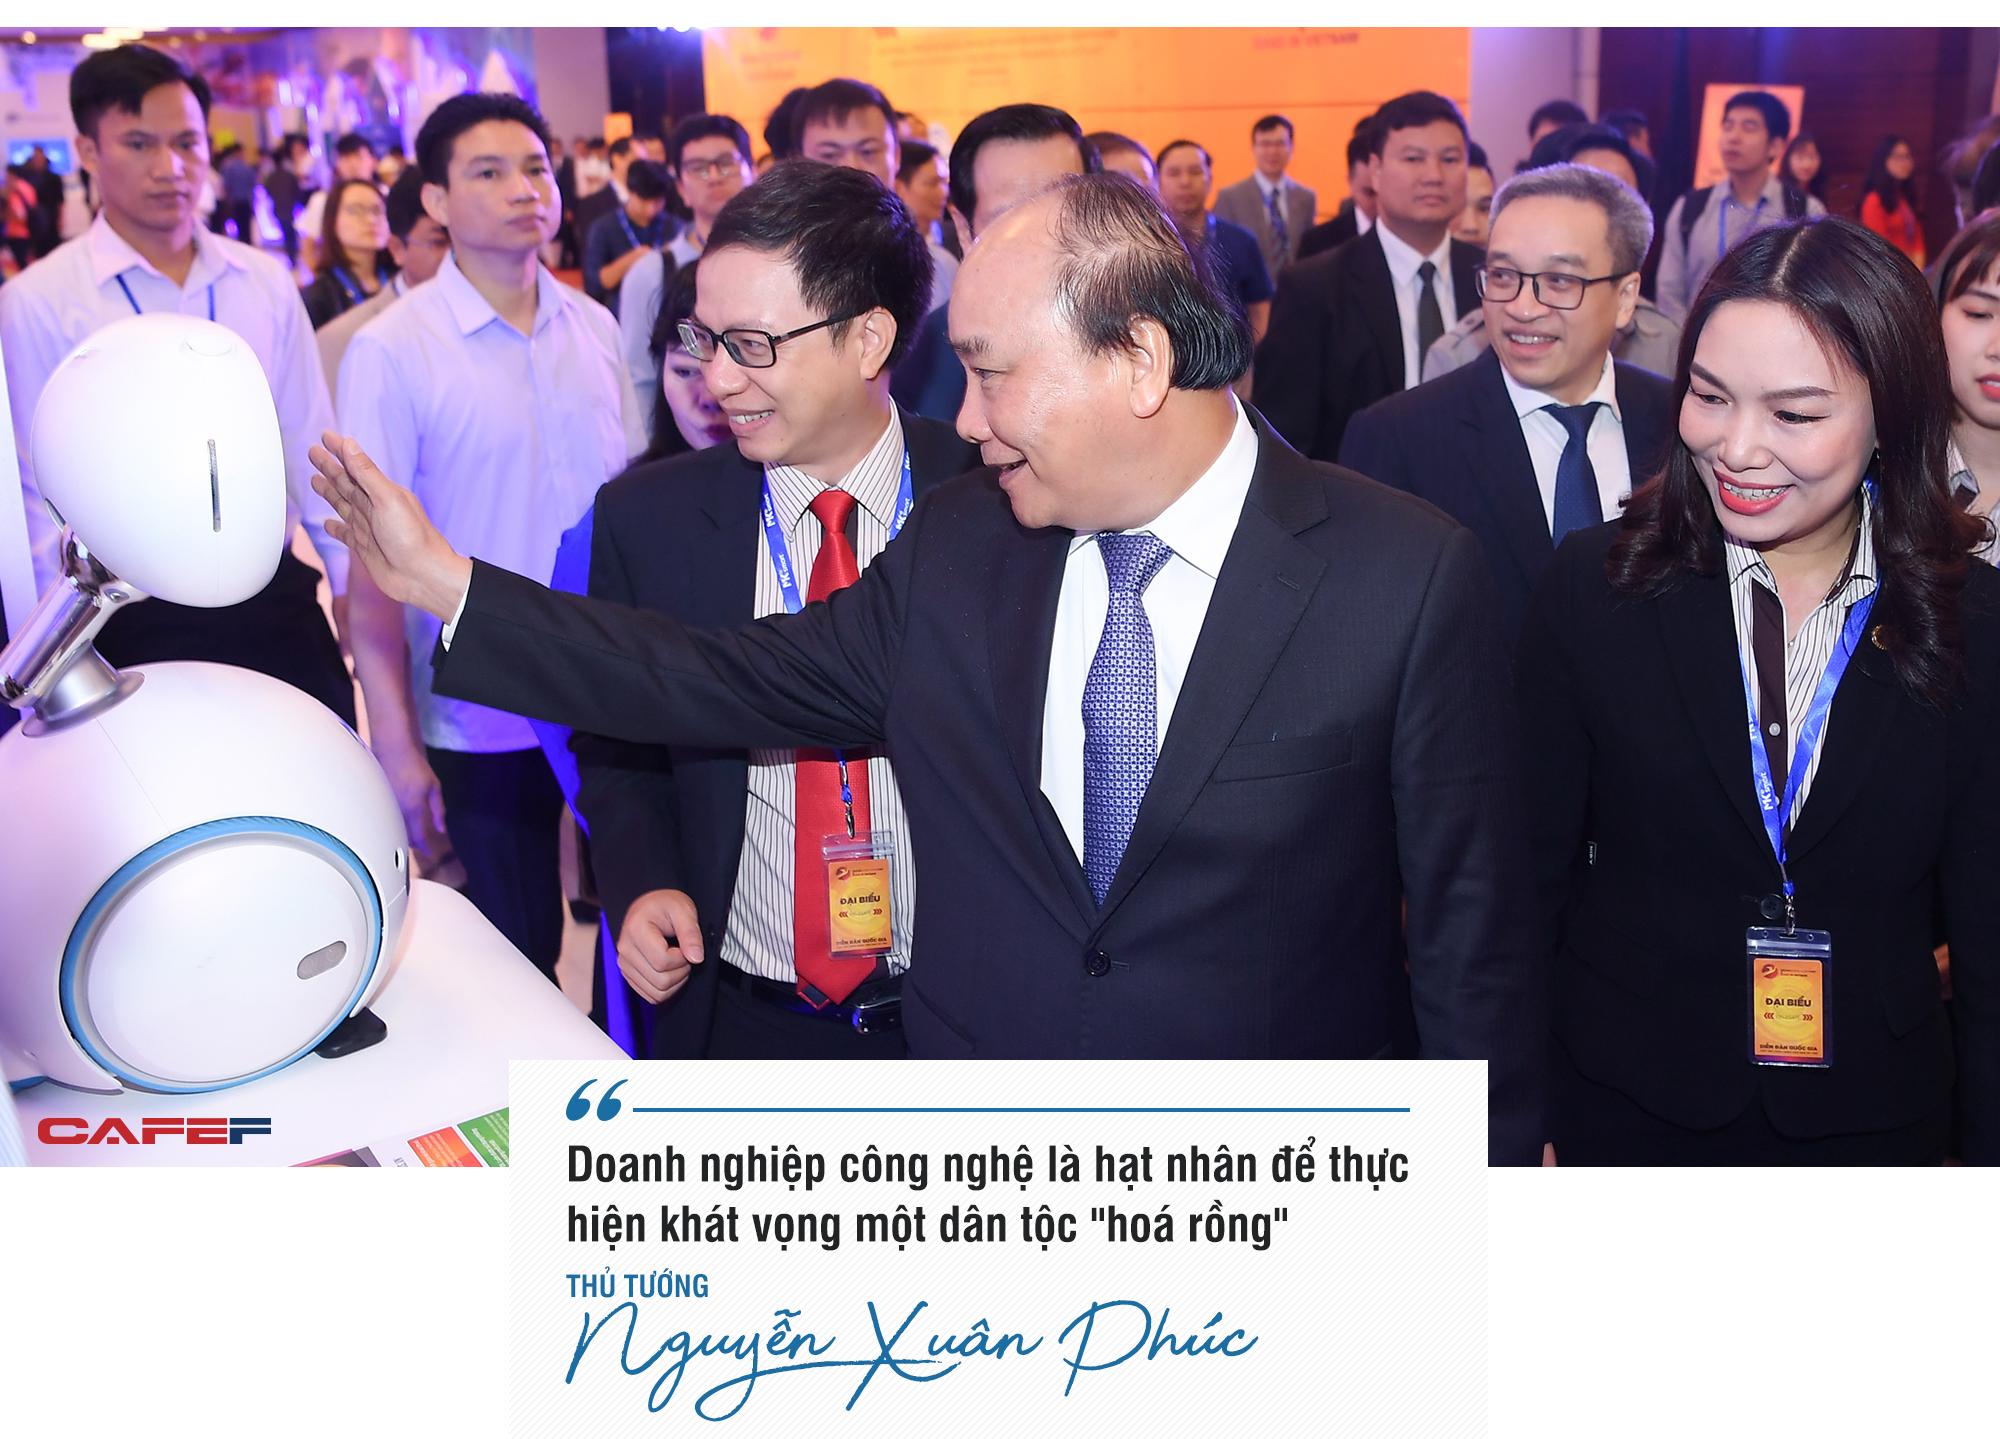 """Những lãnh đạo châu Á đánh dấu hành trình cải cách công nghệ, với khát vọng đưa quốc gia """"hóa hổ, hóa rồng"""" - Ảnh 7."""